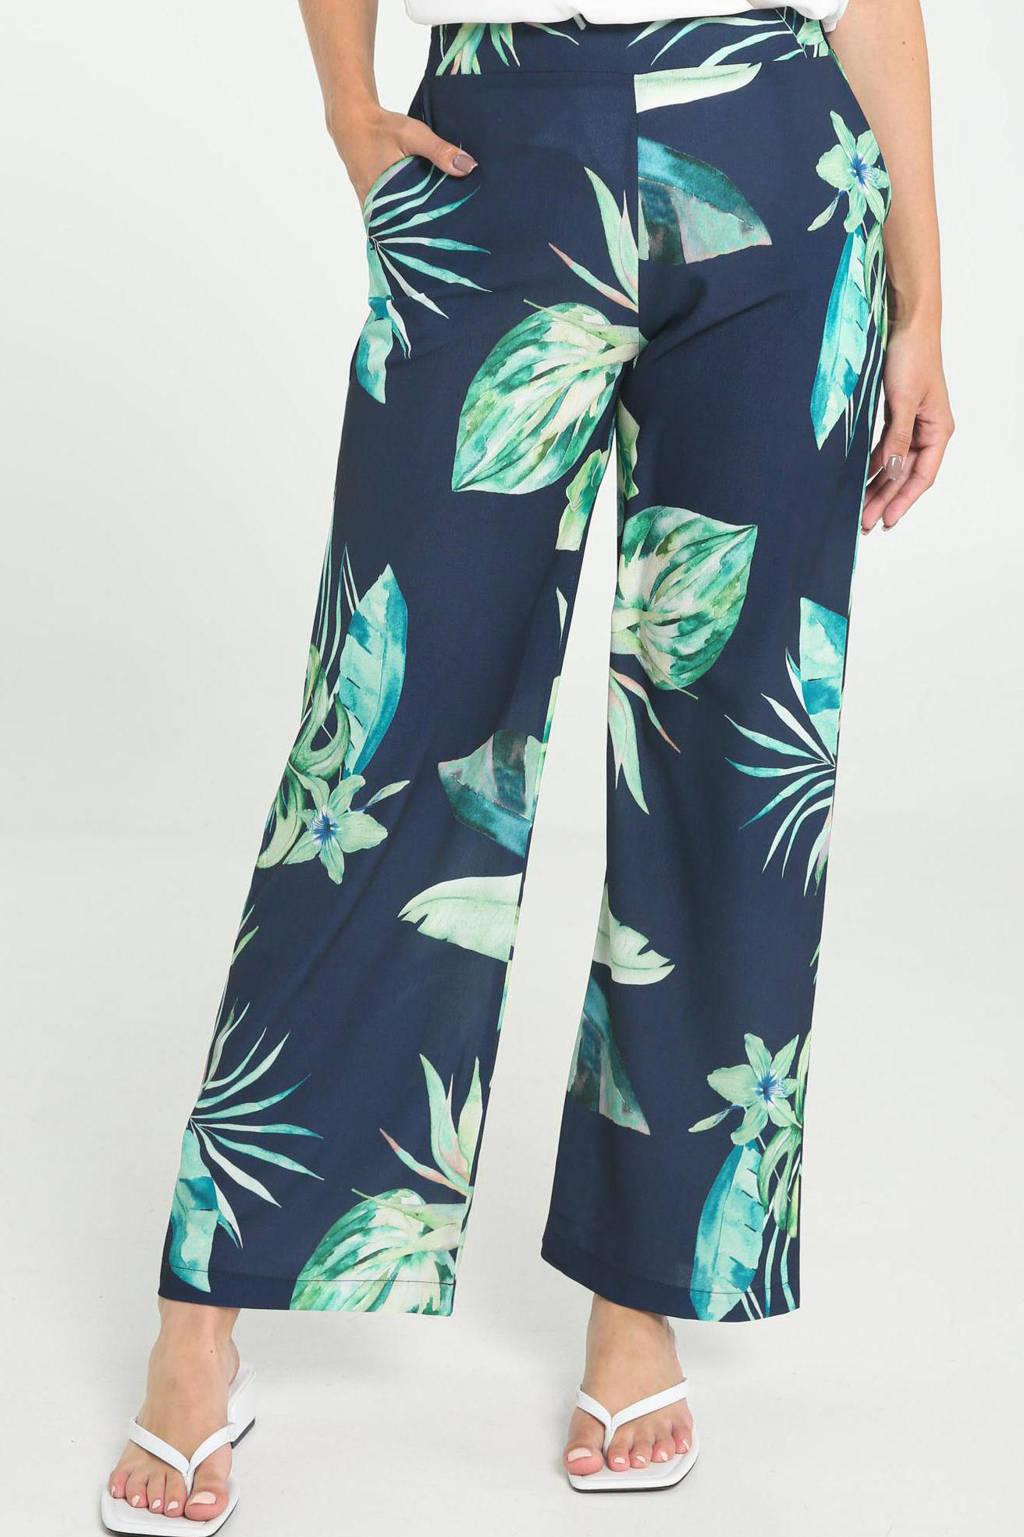 Cassis wide leg palazzo broek met bladprint donkerblauw/groen, Donkerblauw/groen